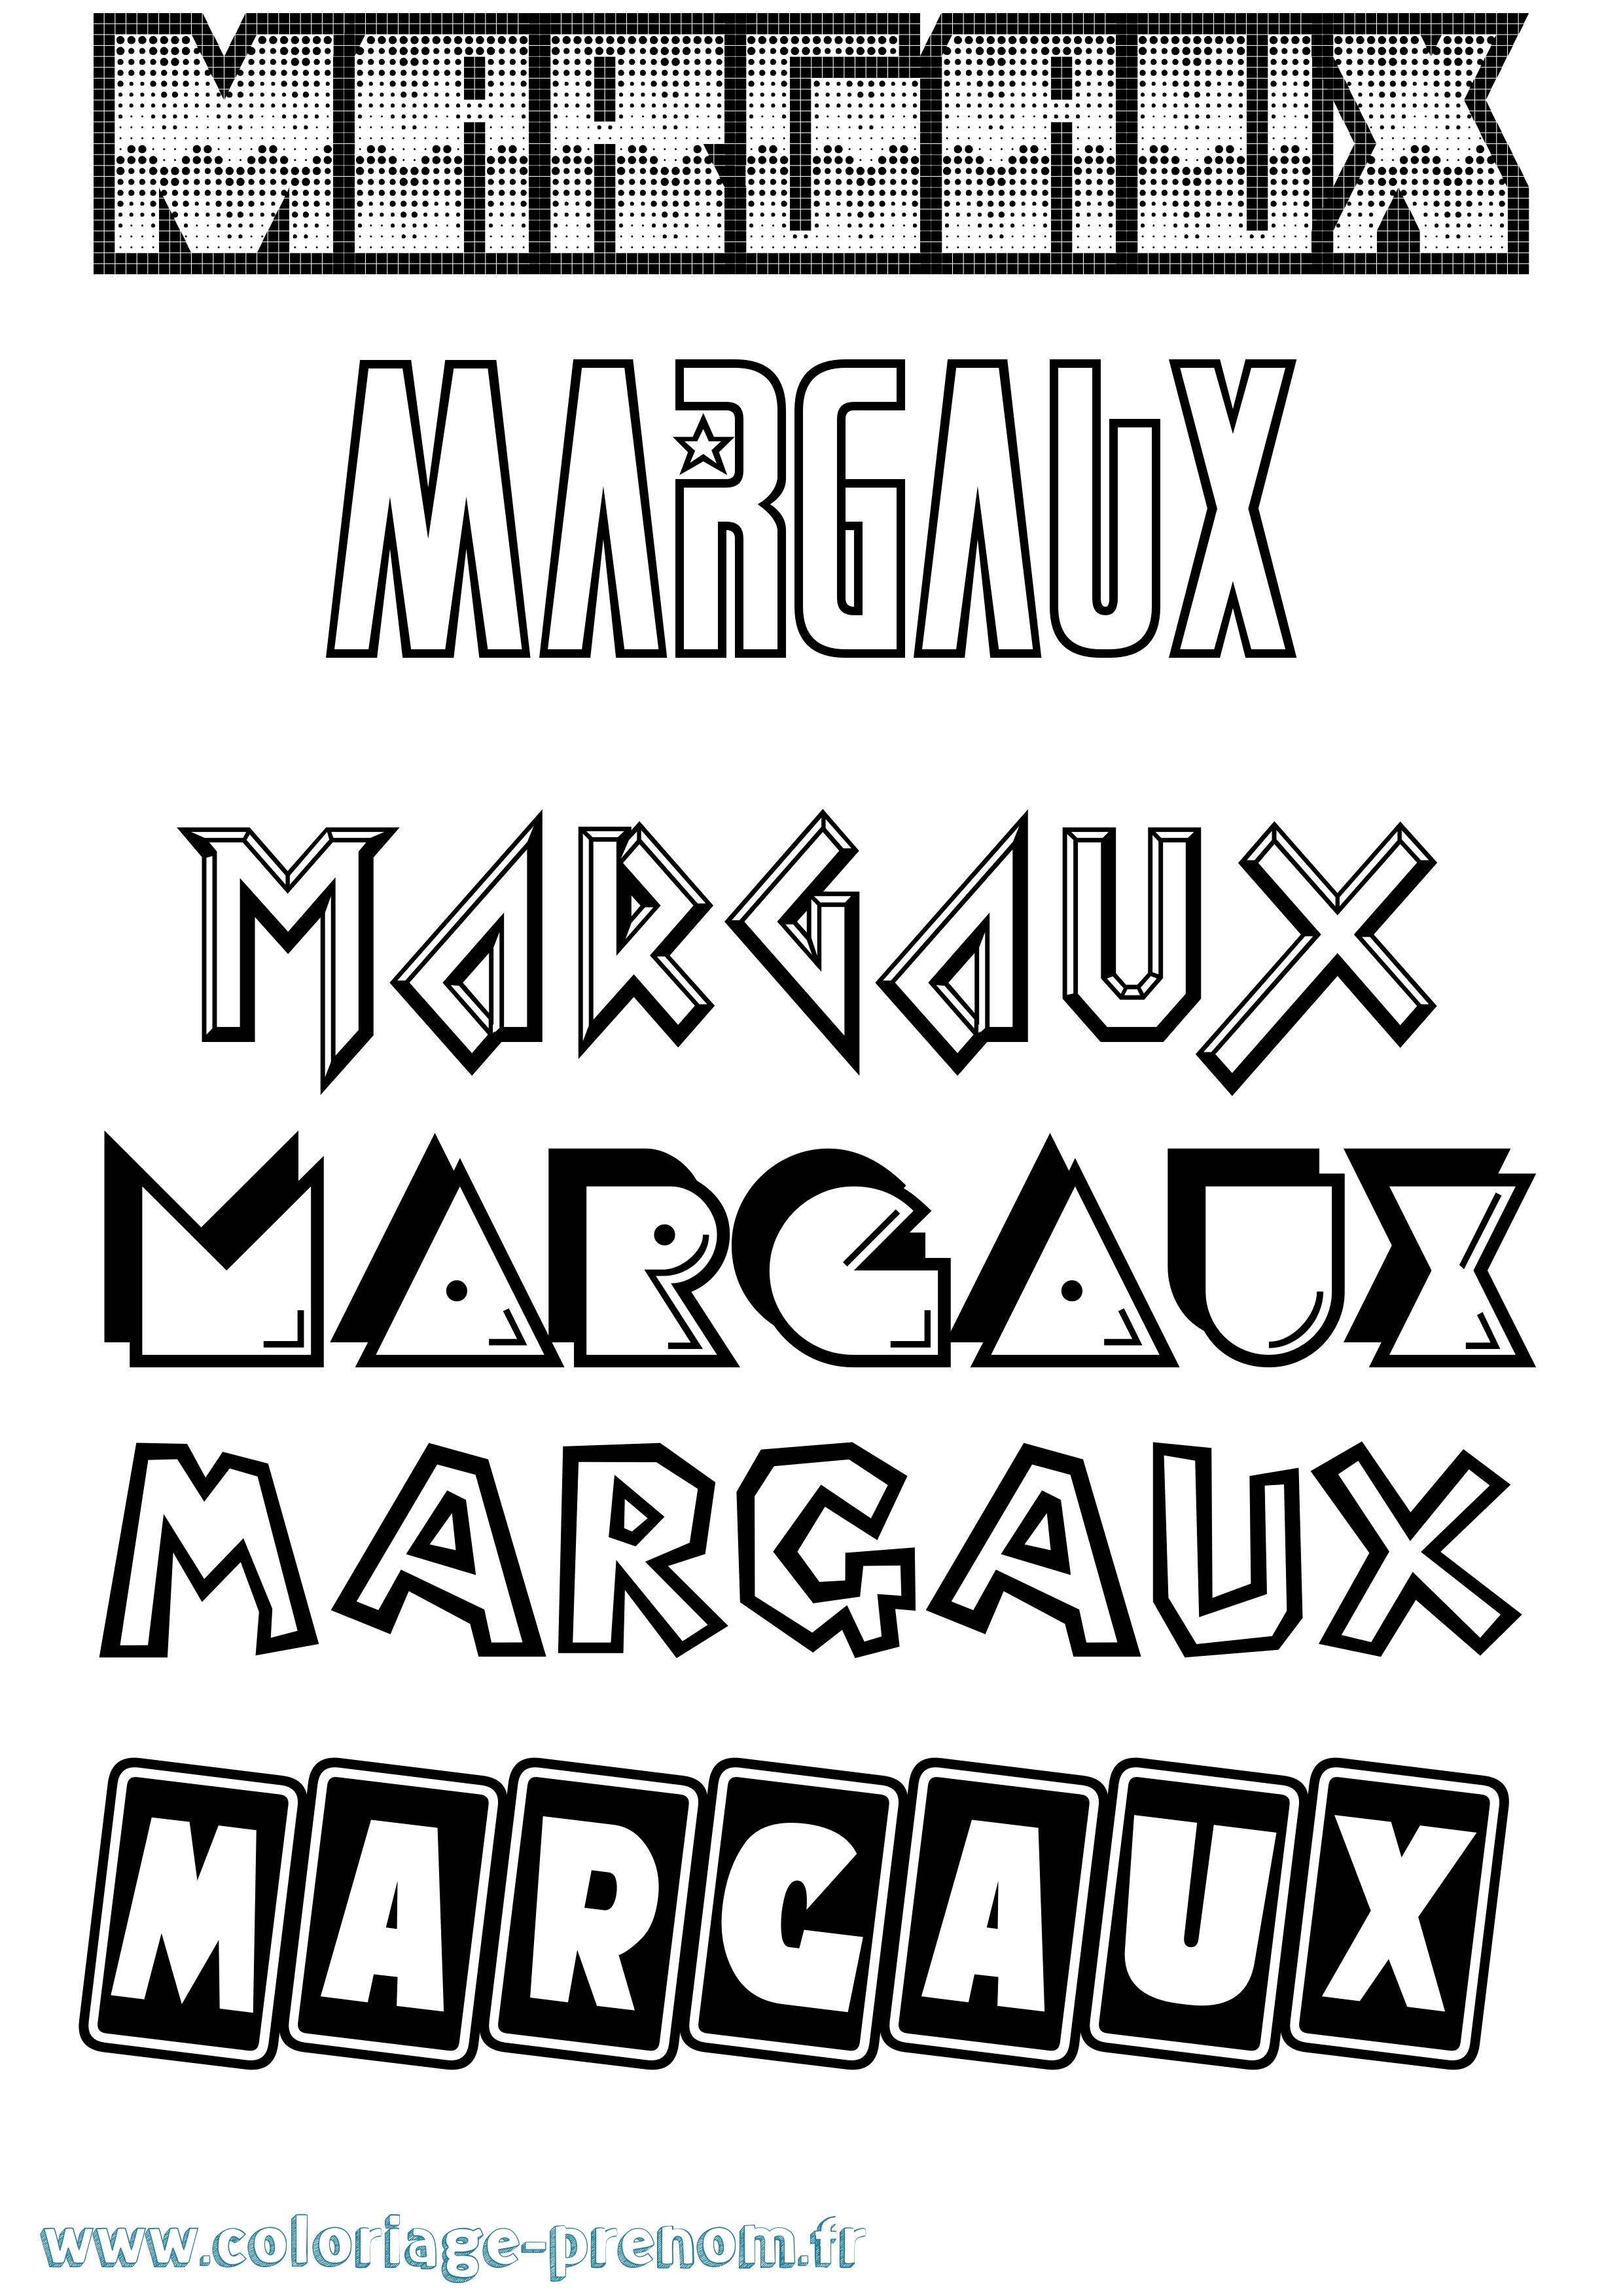 époustouflant Coloriage du prénom Margaux : à Imprimer ou Télécharger facilement &PP_17